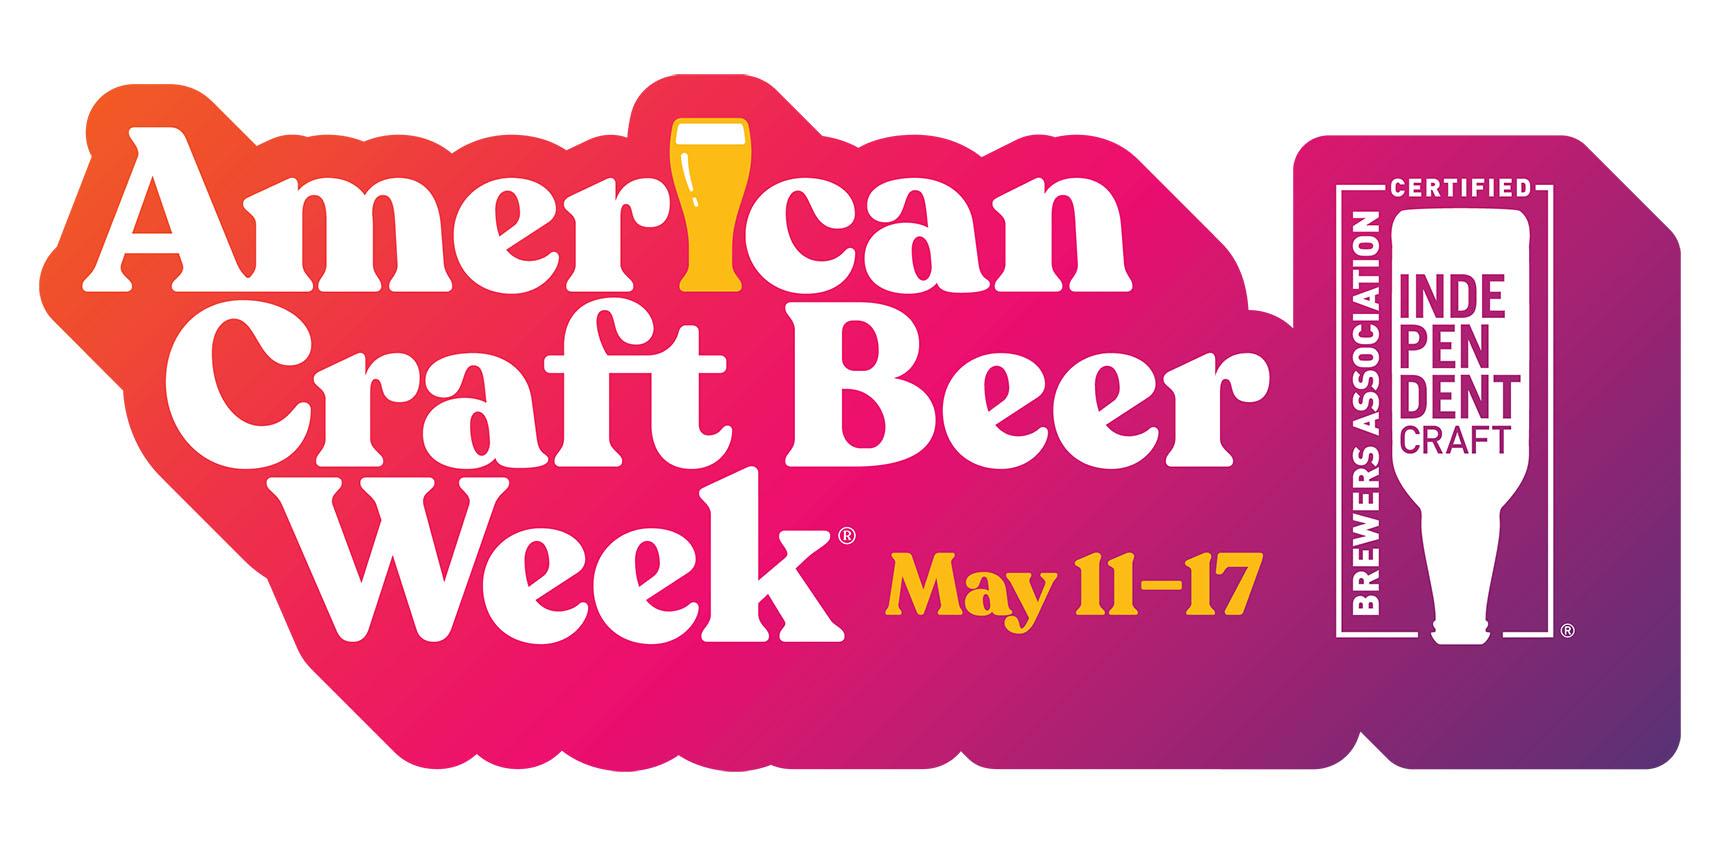 American Craft Beer Week 2020